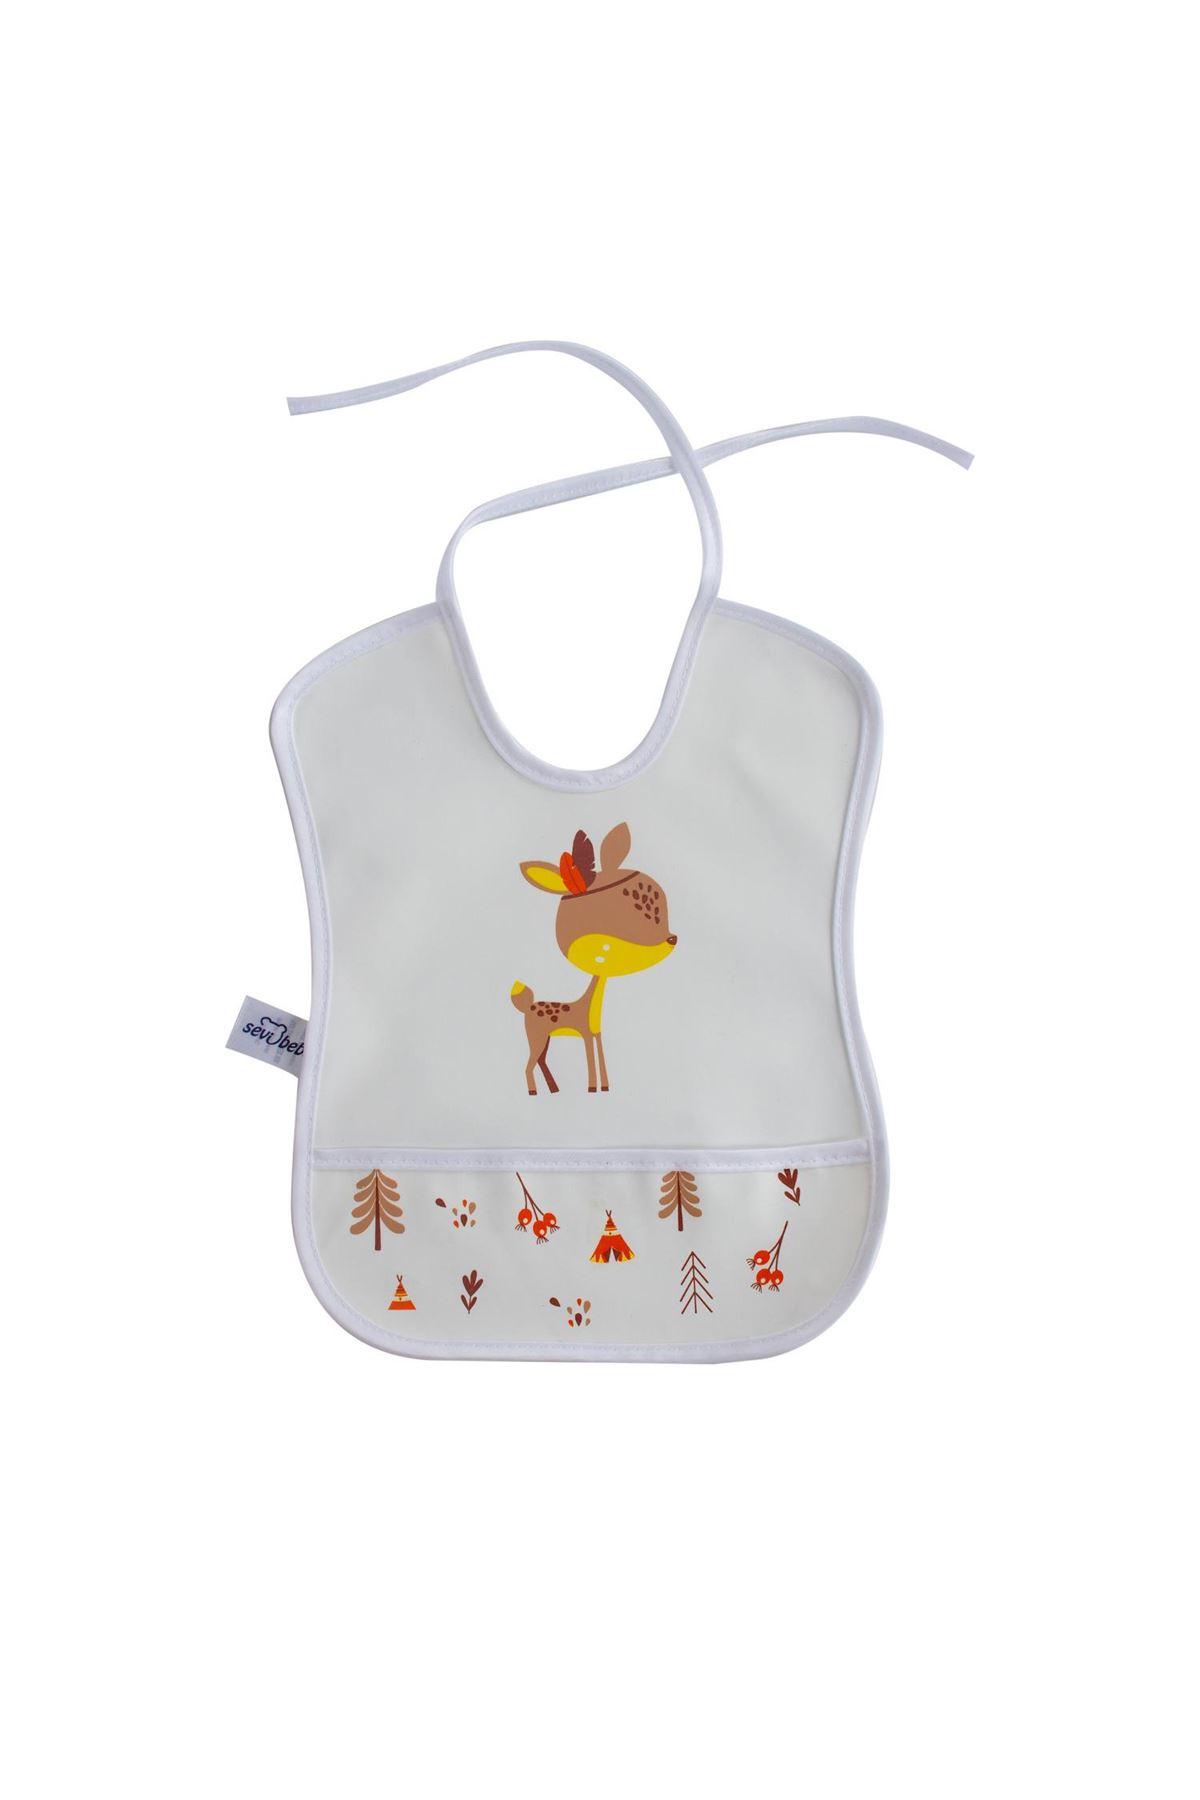 Sevi Bebe Küçük Önlük ART-11 Ceylan Ceylan